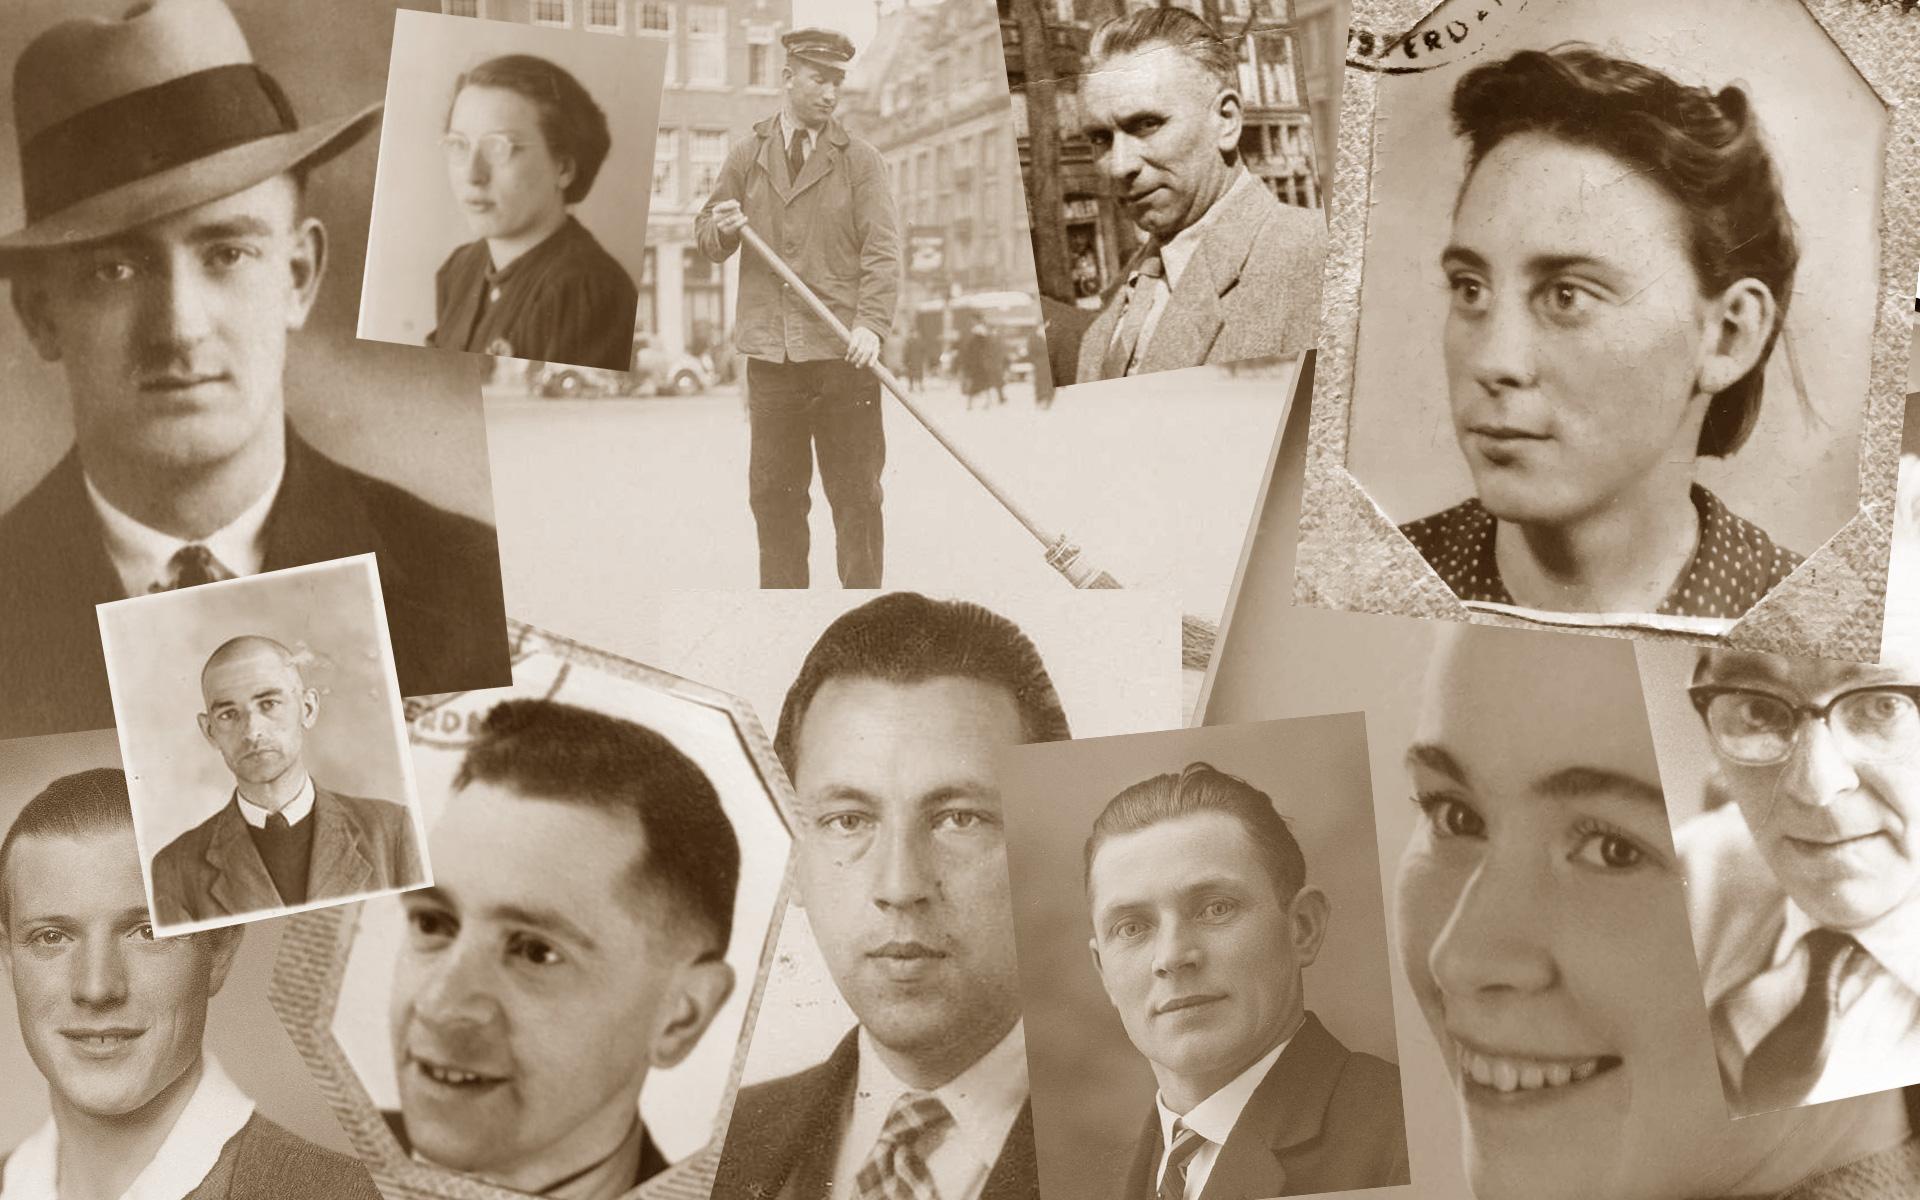 Portretten van stakers